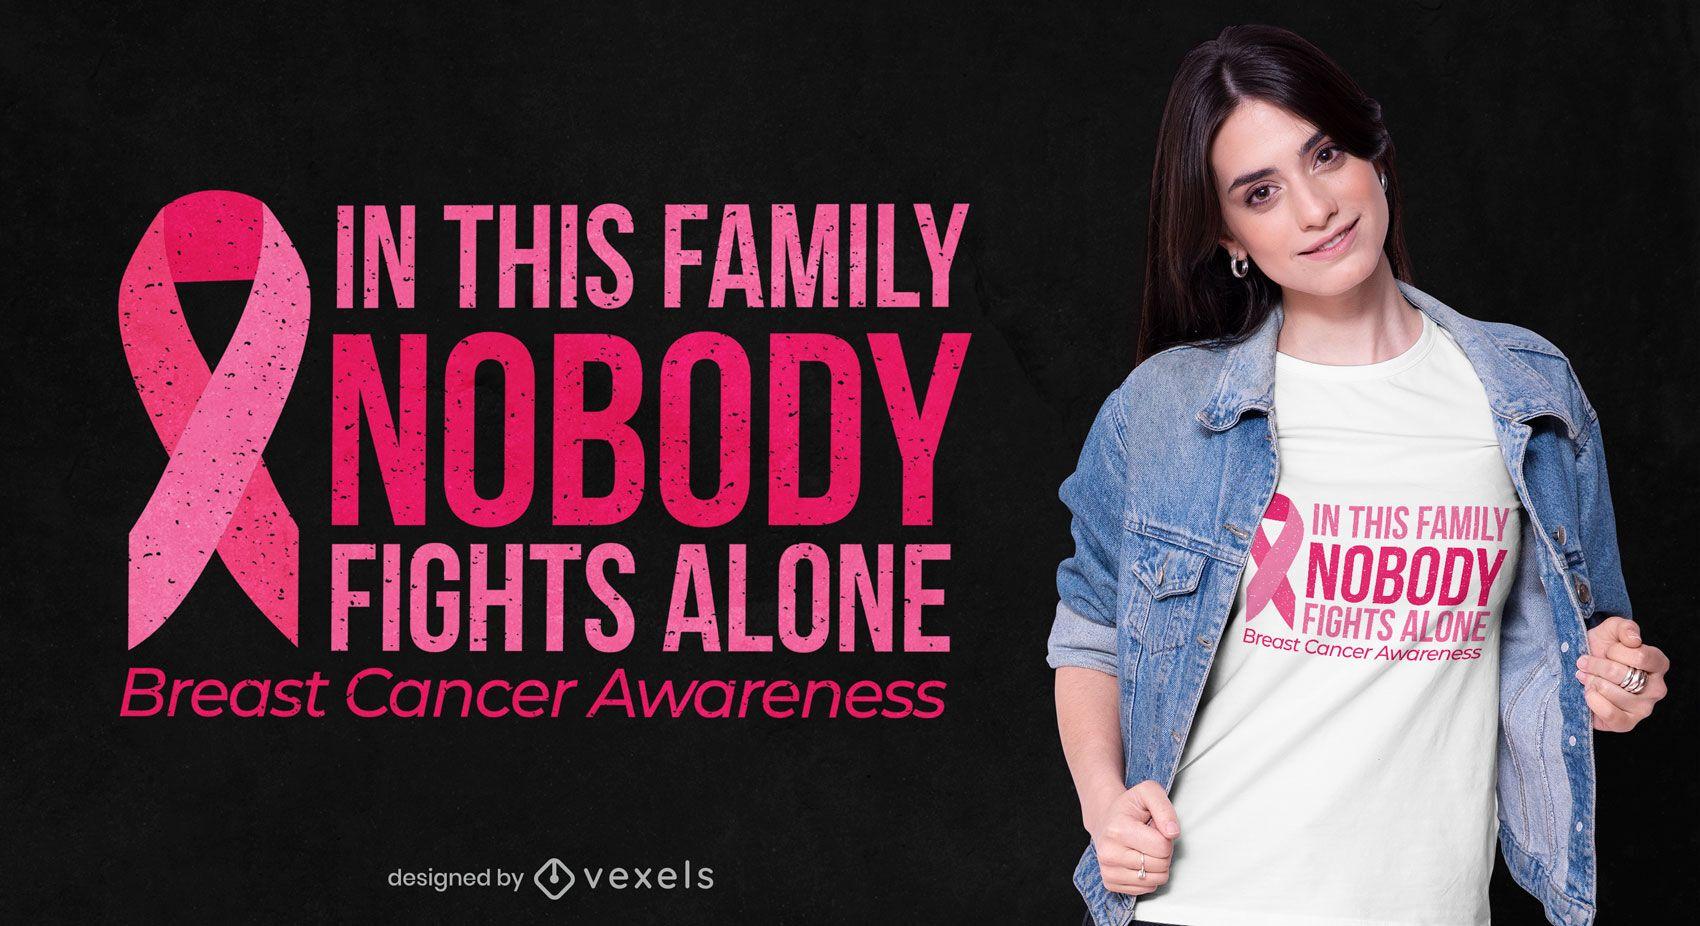 Diseño de camiseta con cita de concienciación sobre el cáncer de mama